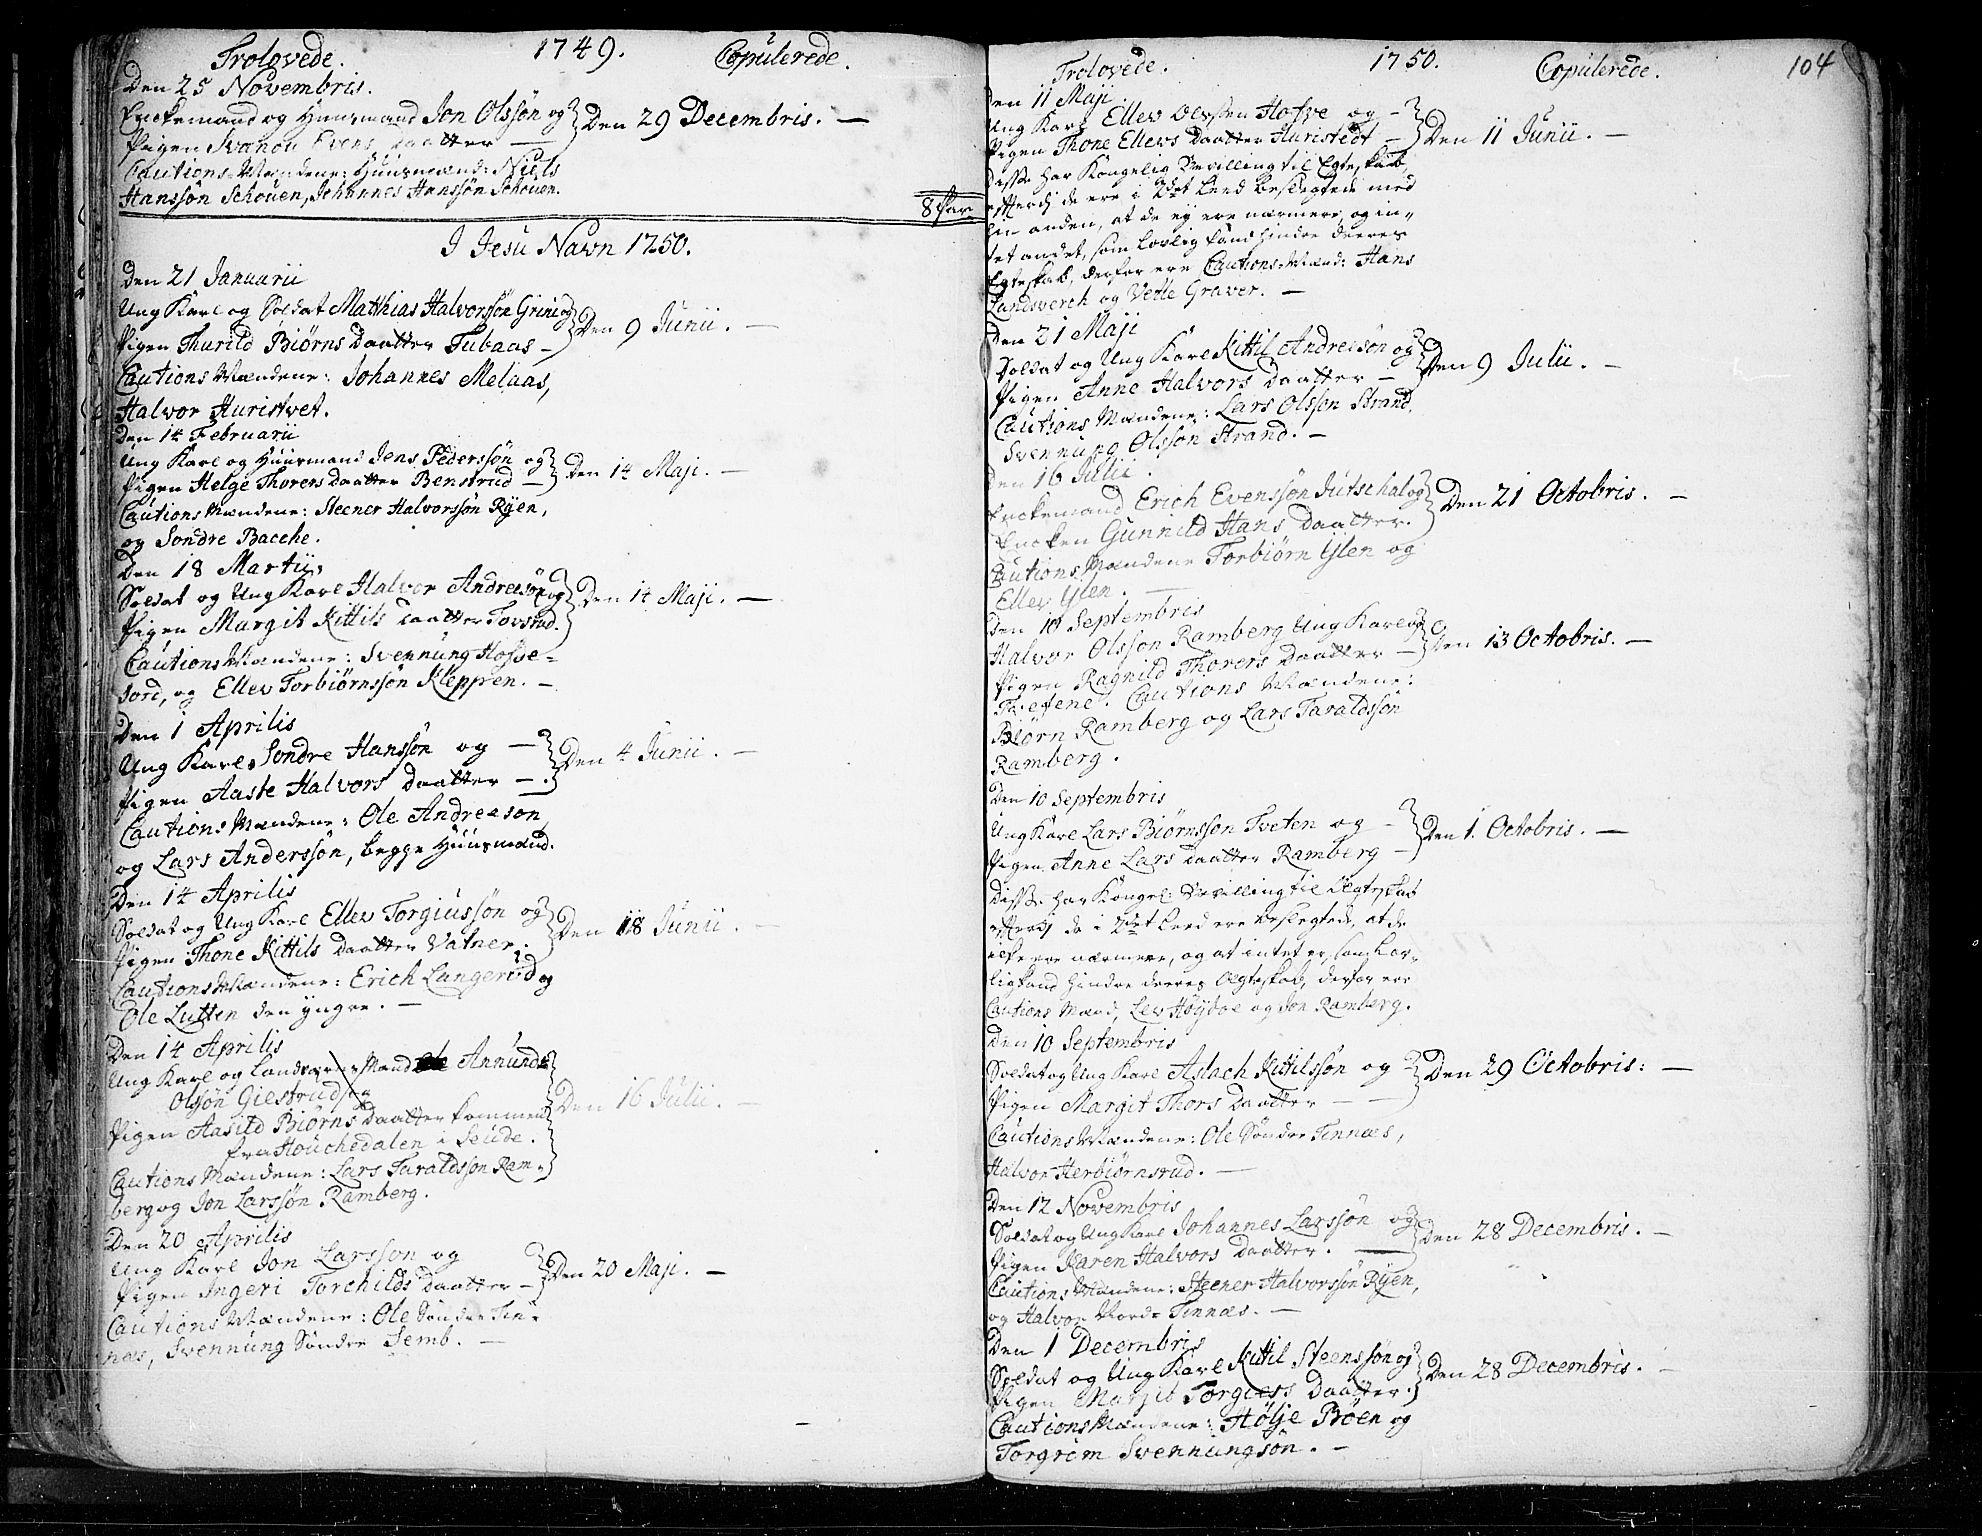 SAKO, Heddal kirkebøker, F/Fa/L0003: Ministerialbok nr. I 3, 1723-1783, s. 104